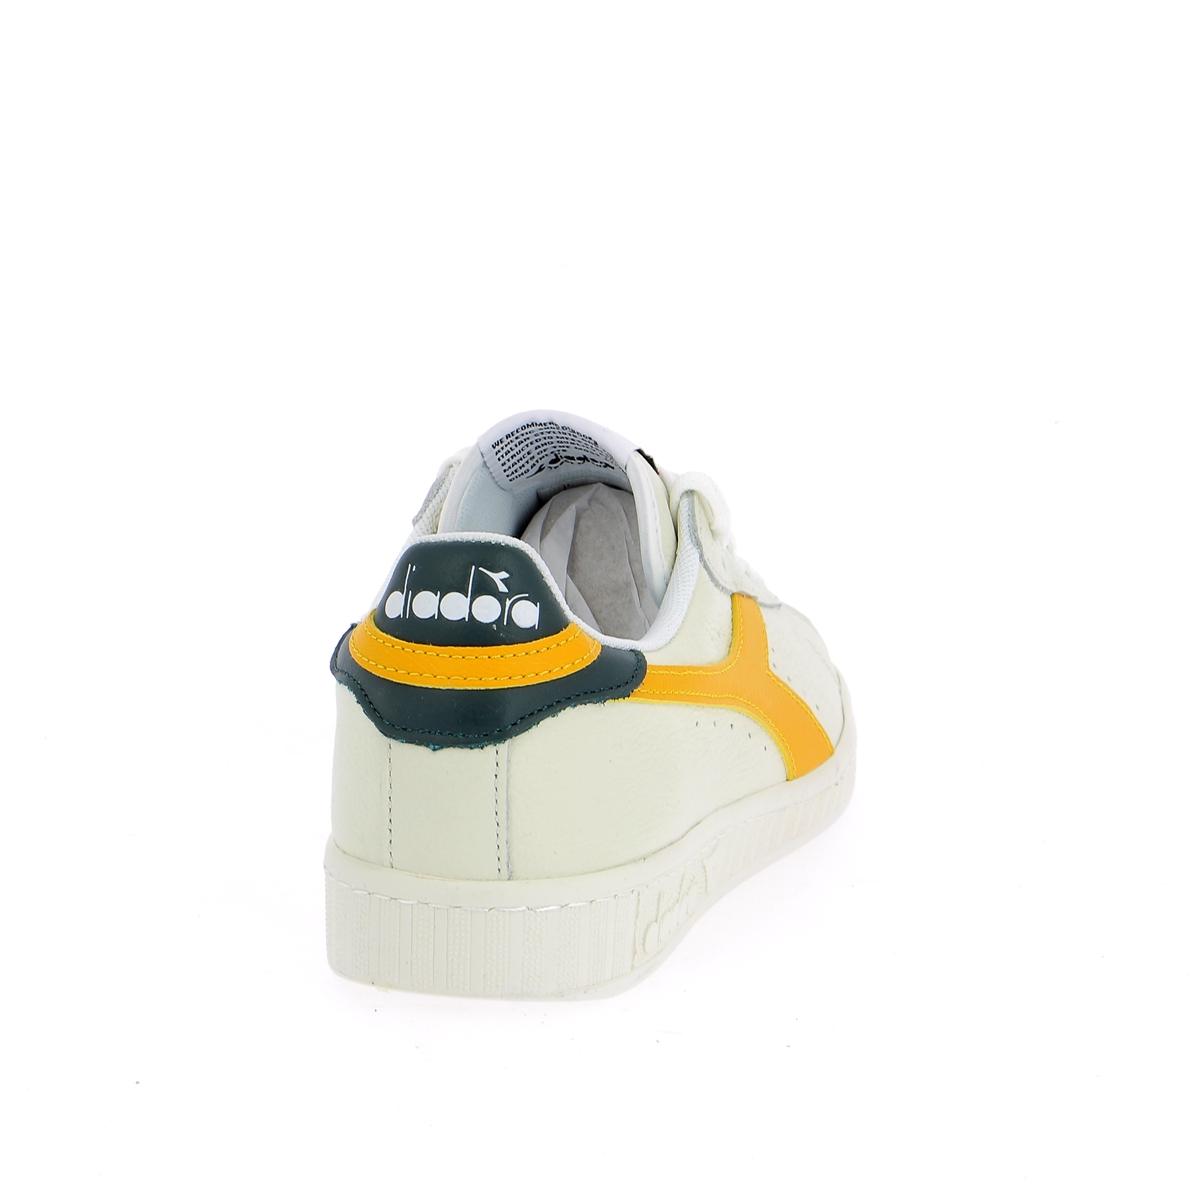 Diadora Basket jaune